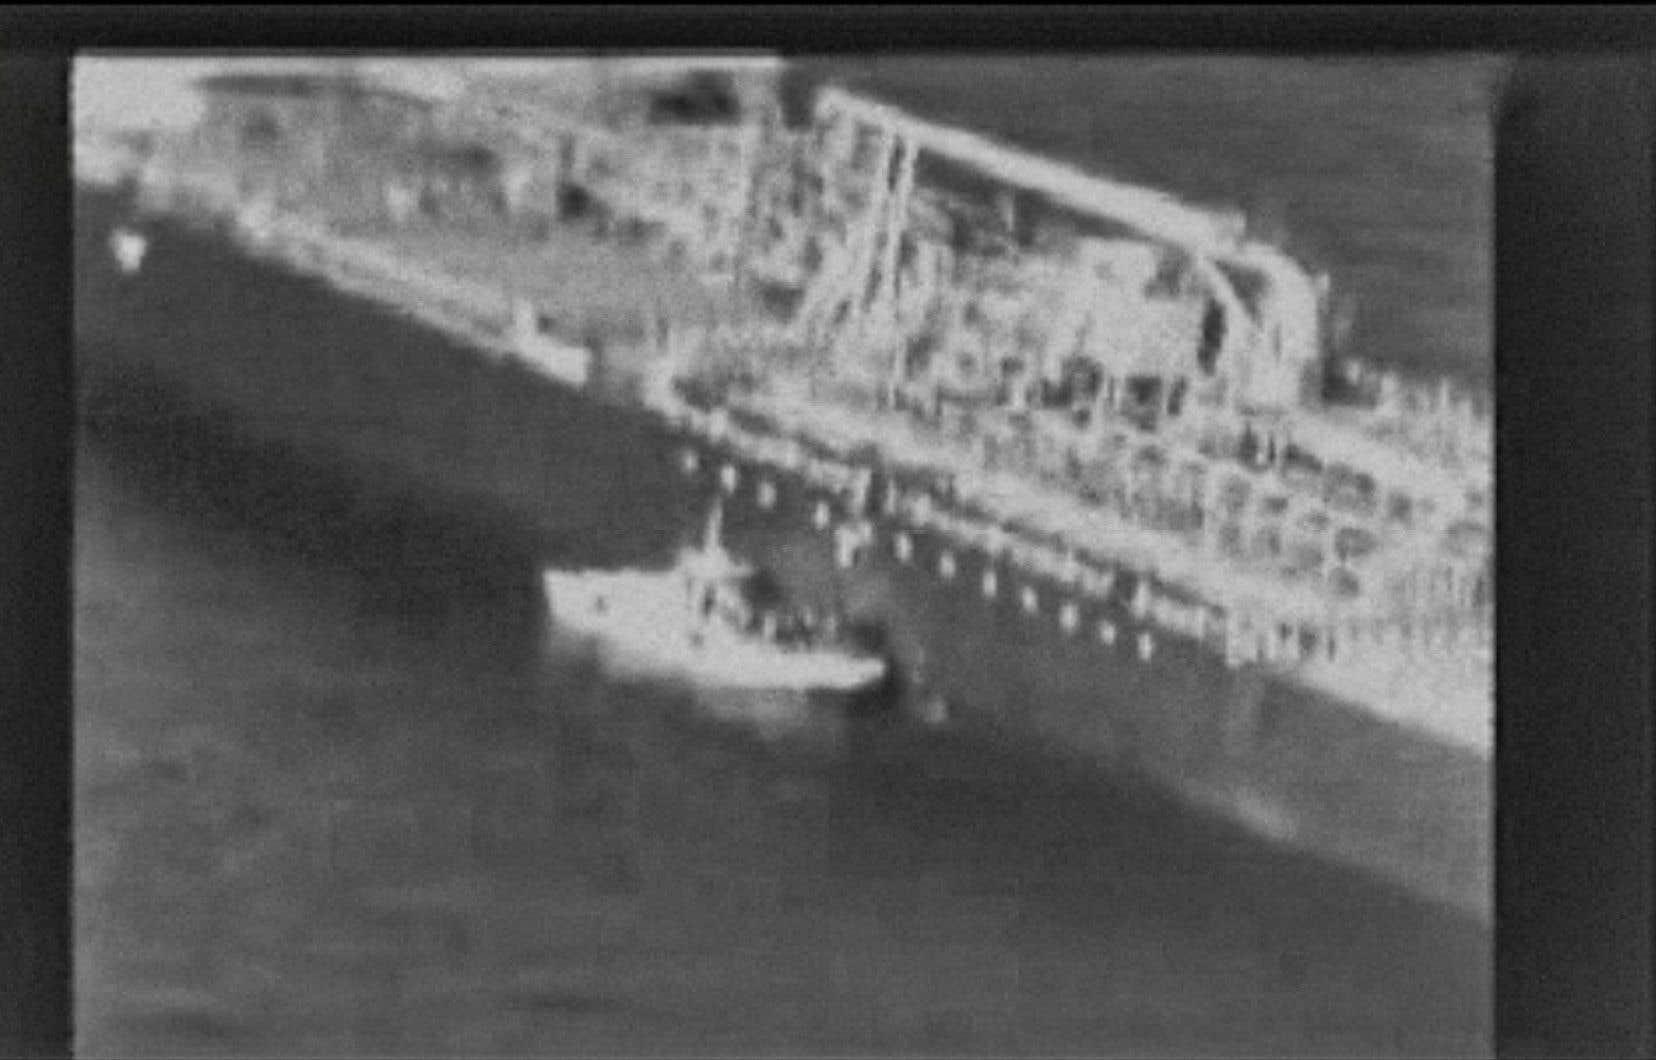 Cette capture, extraite d'une vidéo publiée par le US Central Command (USCENTCOM) le 13 juin 2019, montrerait un patrouilleur de la marine iranienne dans le golfe d'Oman s'approchant du pétrolier méthanol Kokuka Courageous exploité par le Japon et enlevant une mine non explosée.